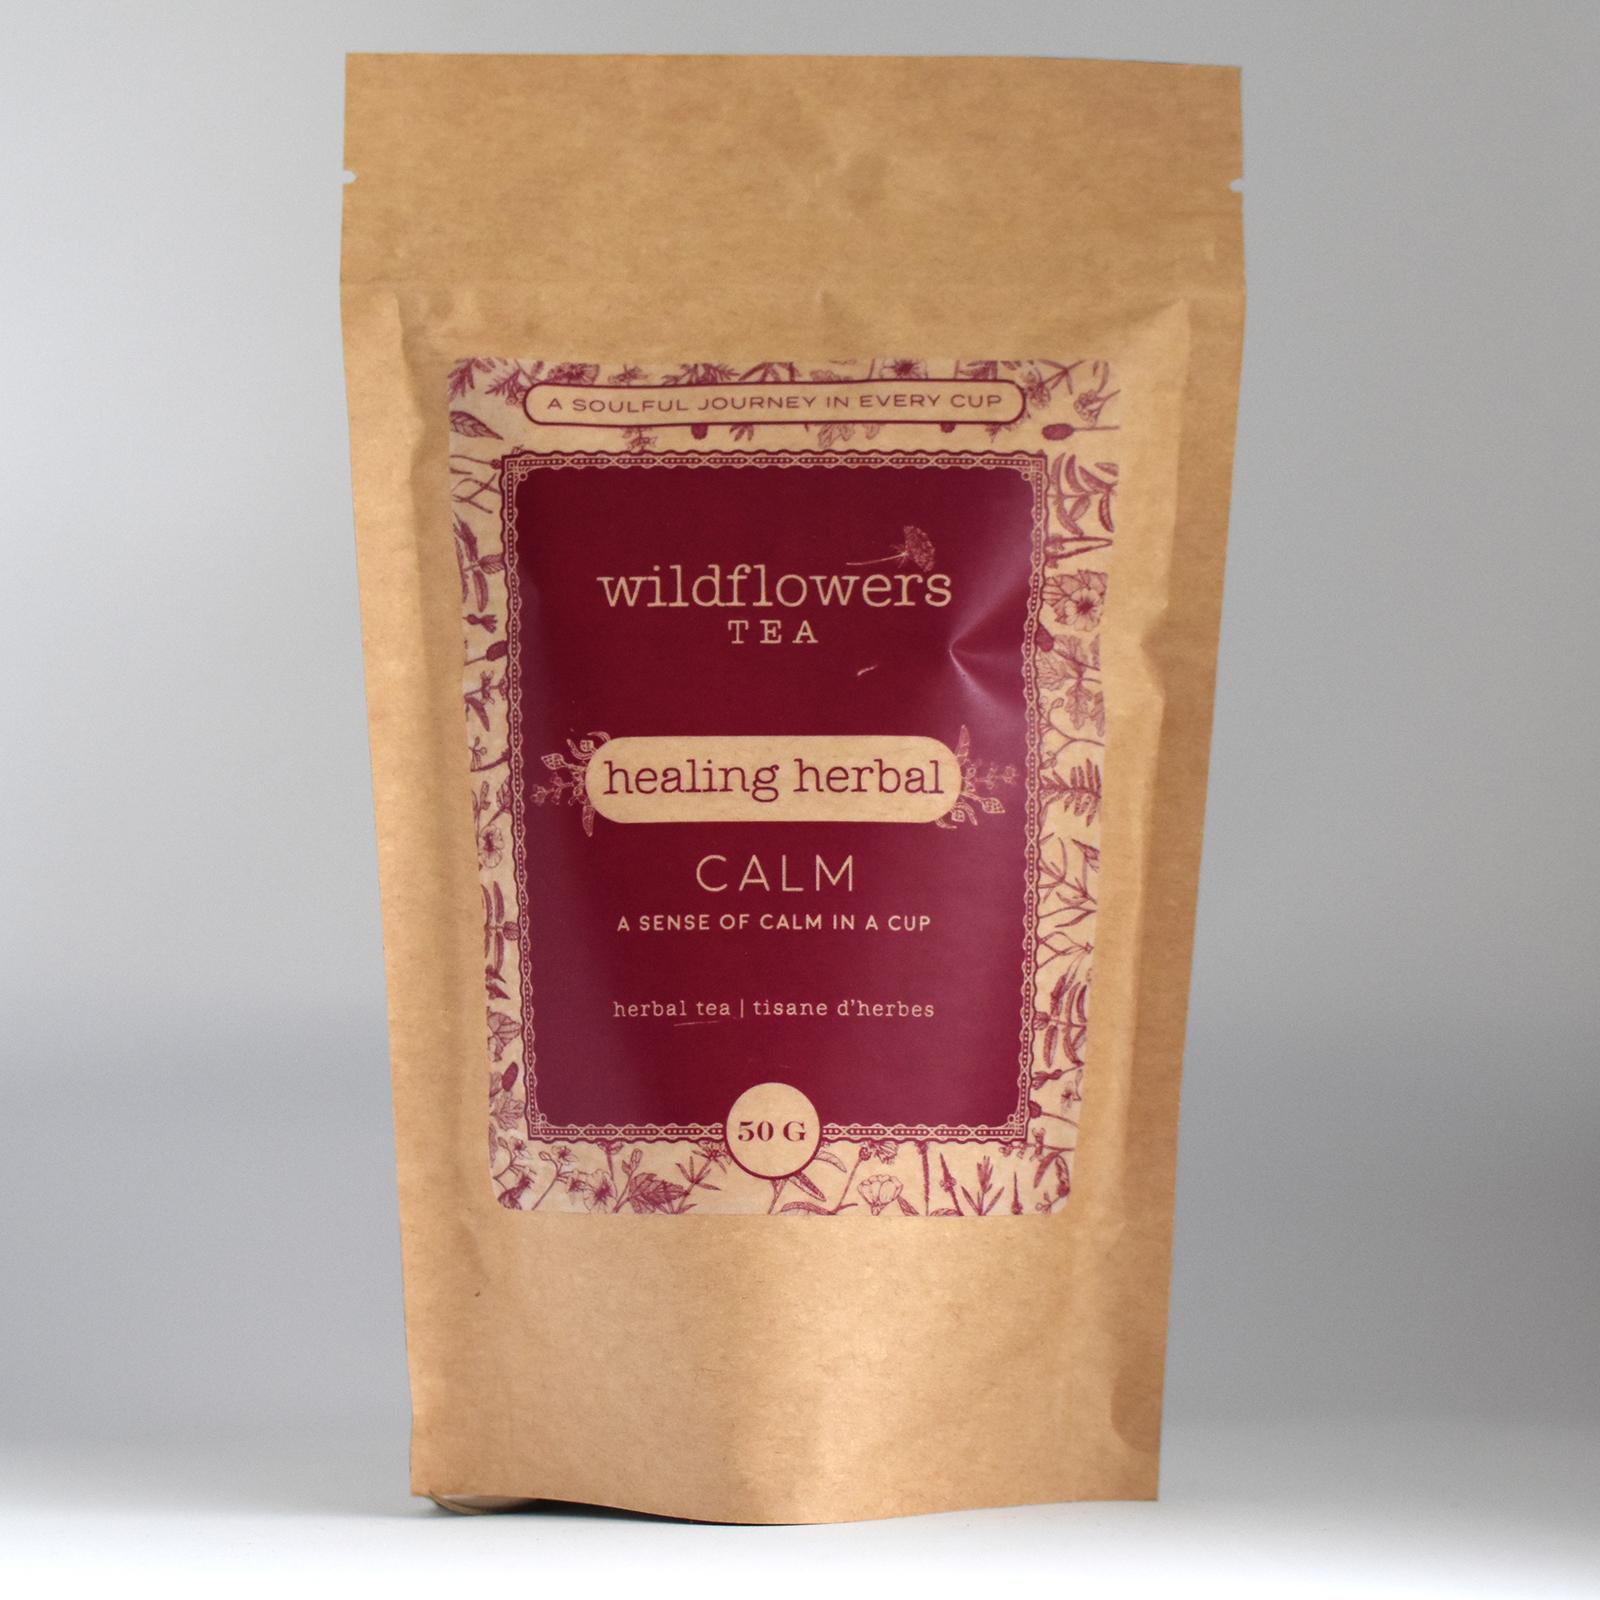 Wildflowers tea packaging design